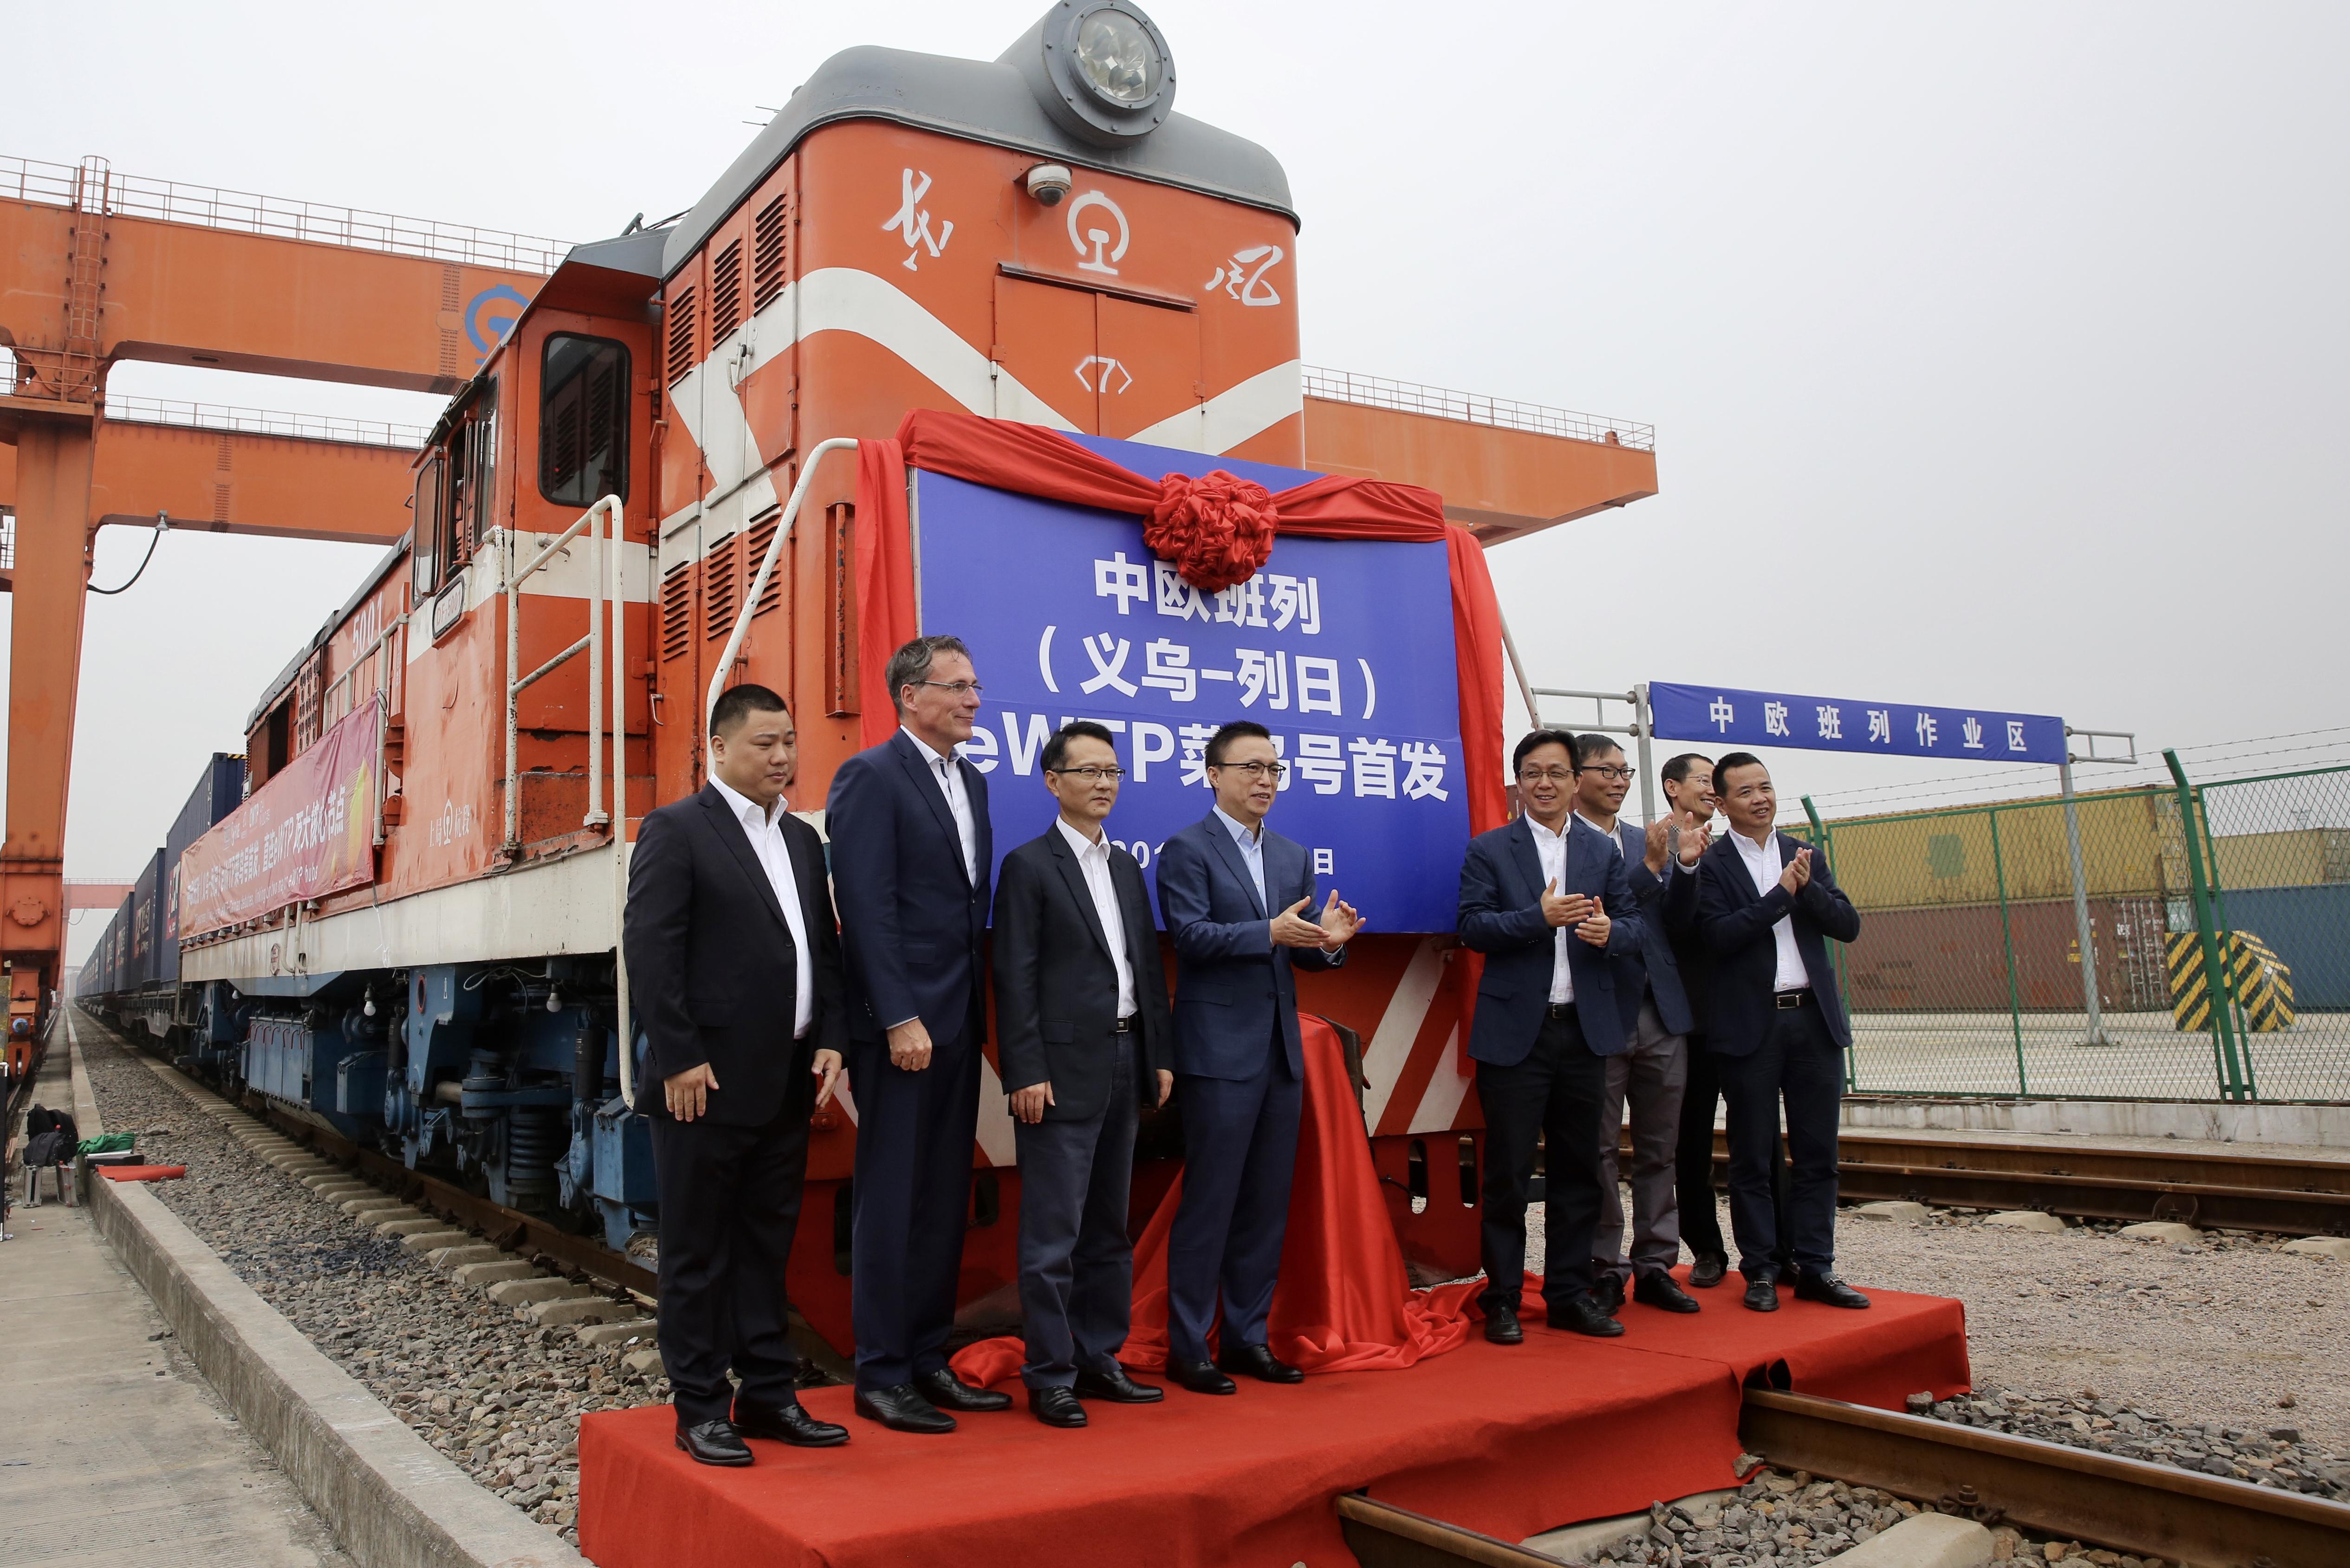 长三角首条跨境电商中欧班列开通 中国商品出口欧洲再提速